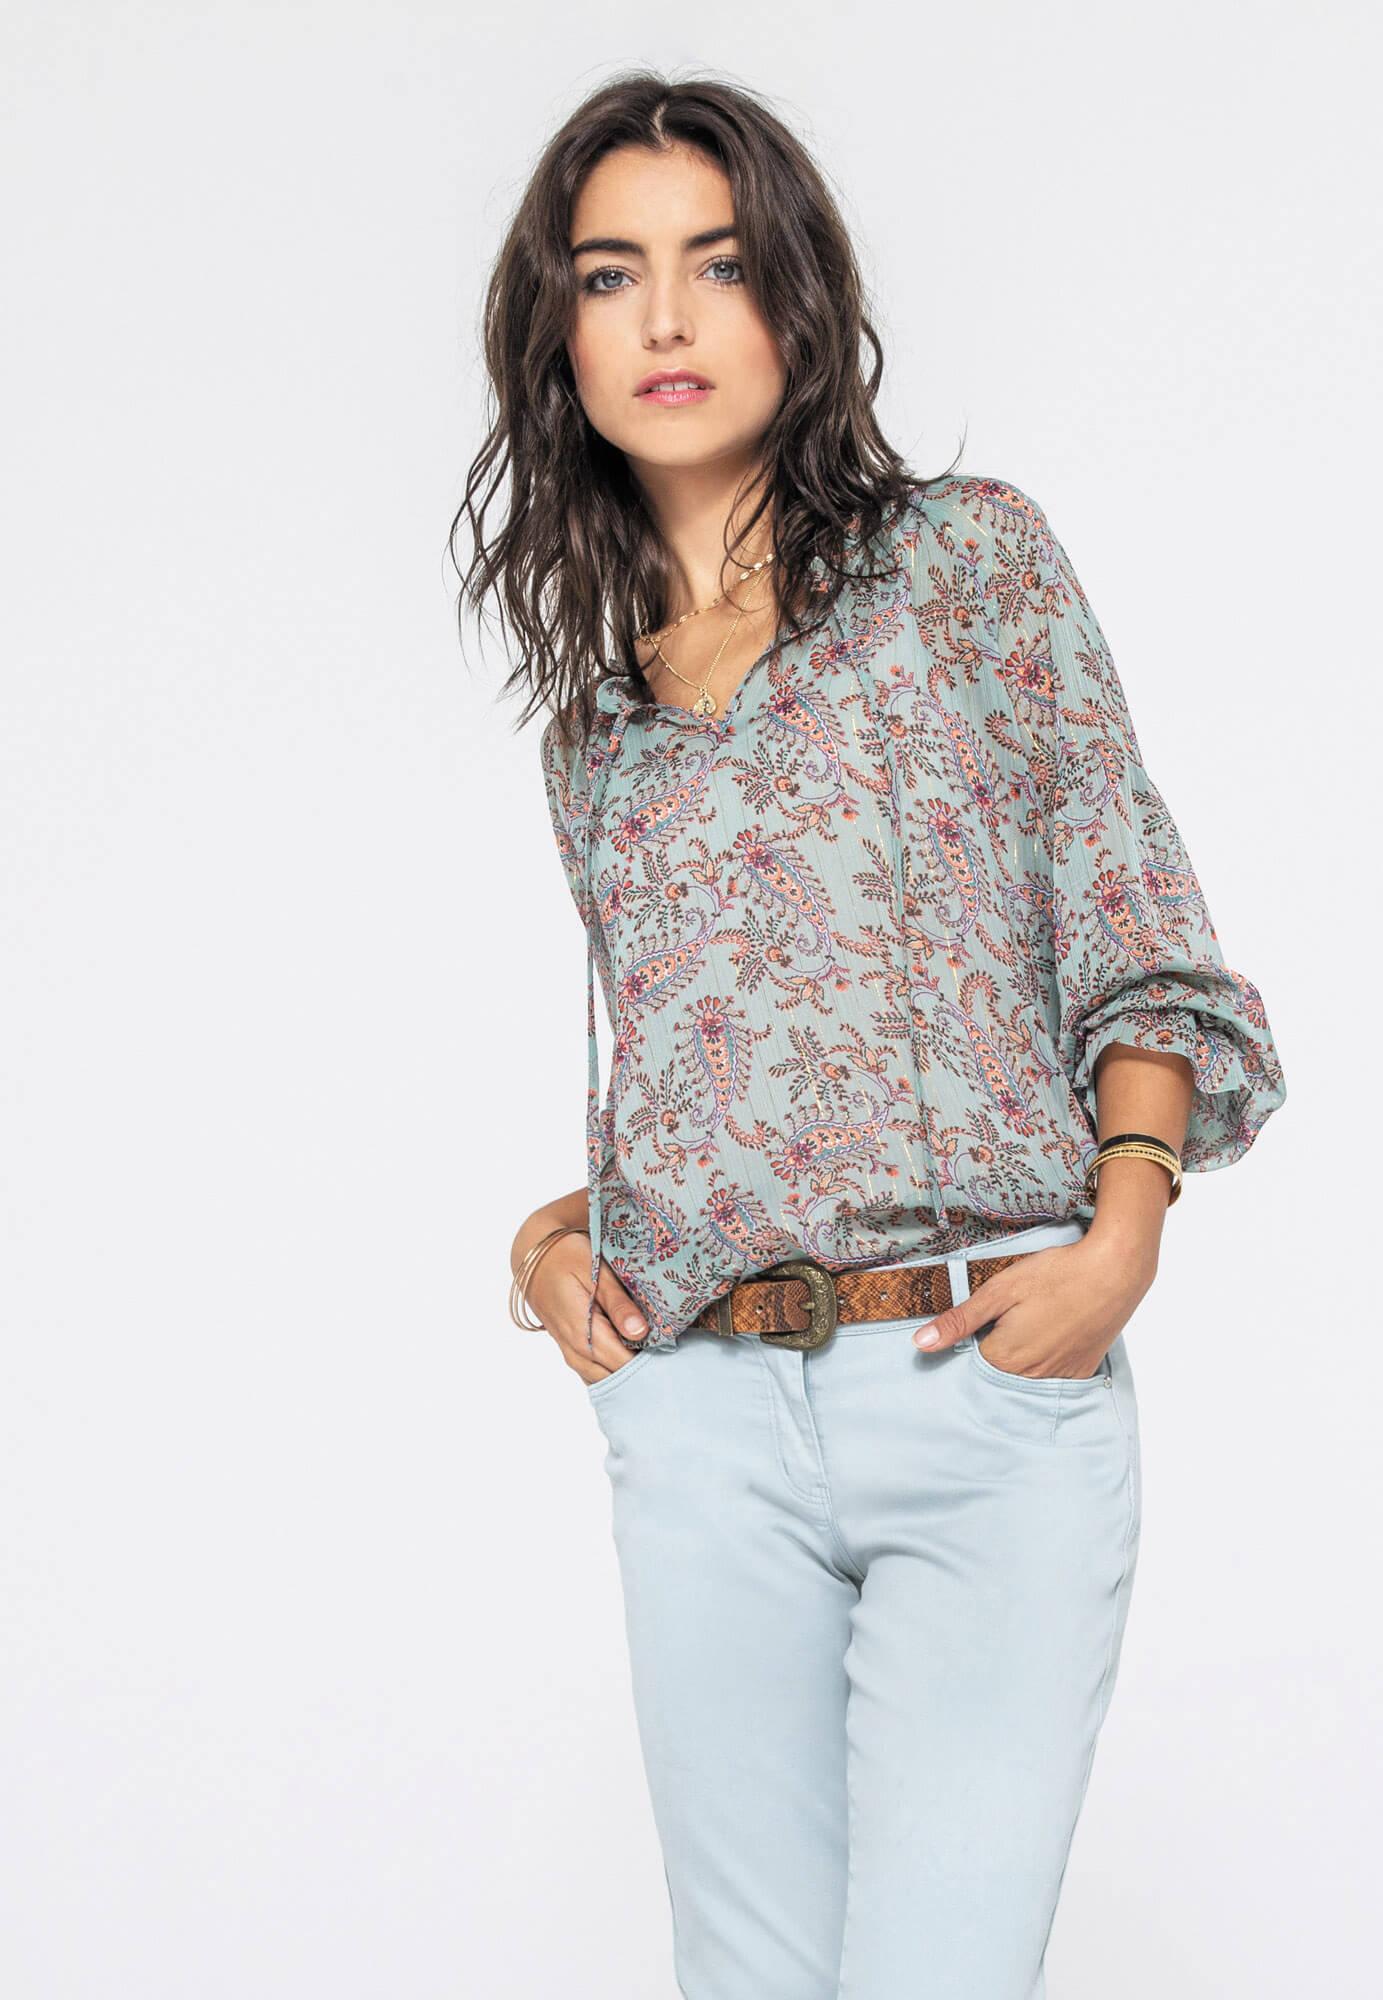 La blouse ou chemise fluide